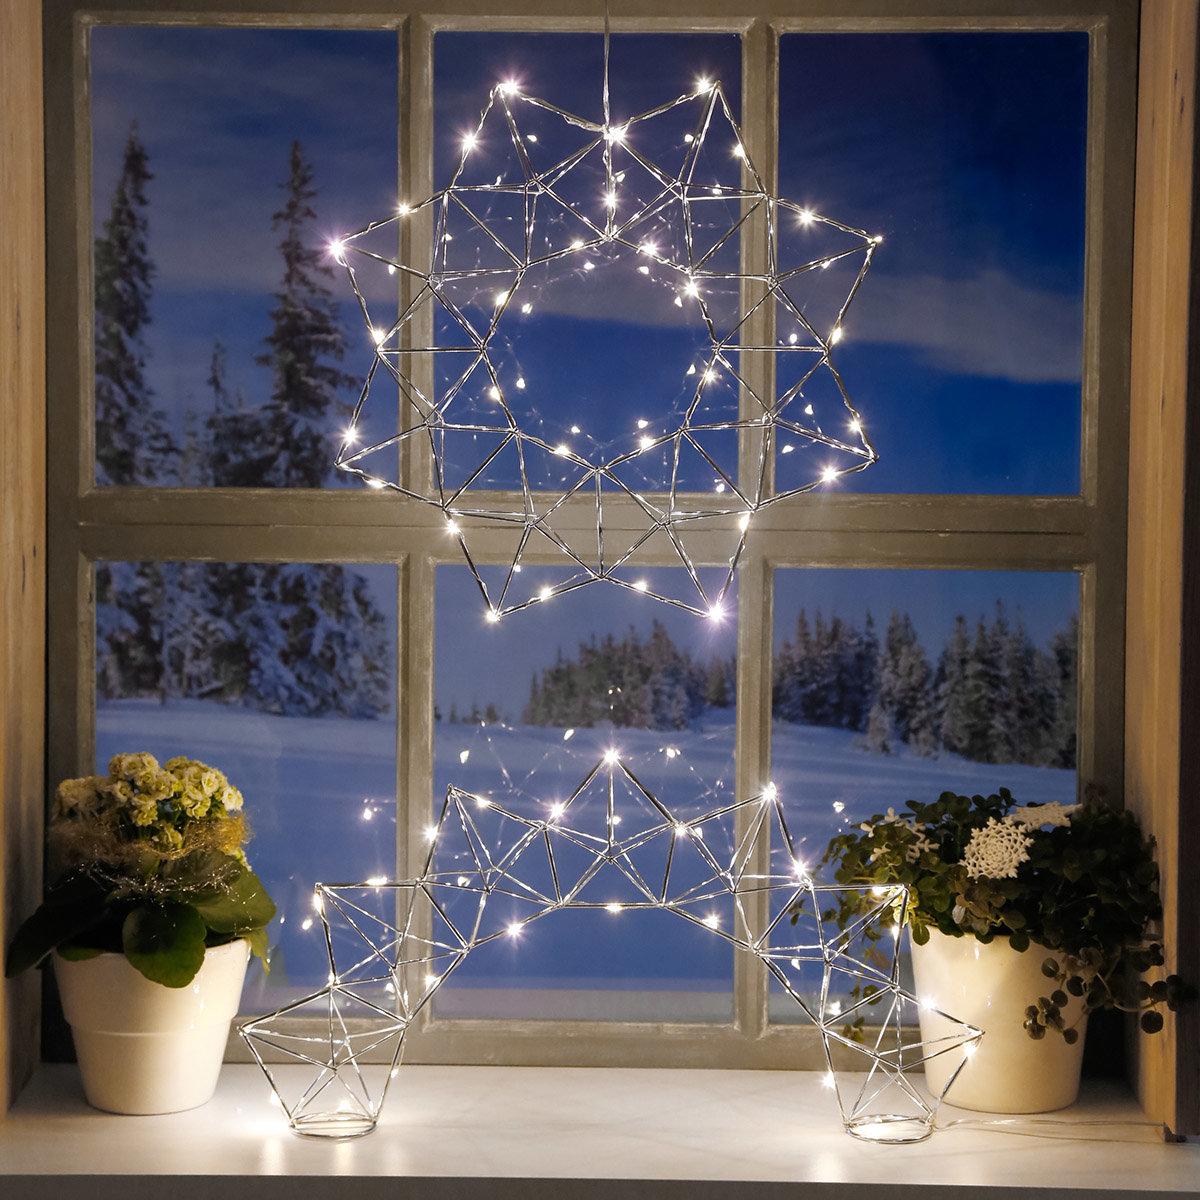 LED-Leuchtstern Modern Christmas, 30 LEDs | #4